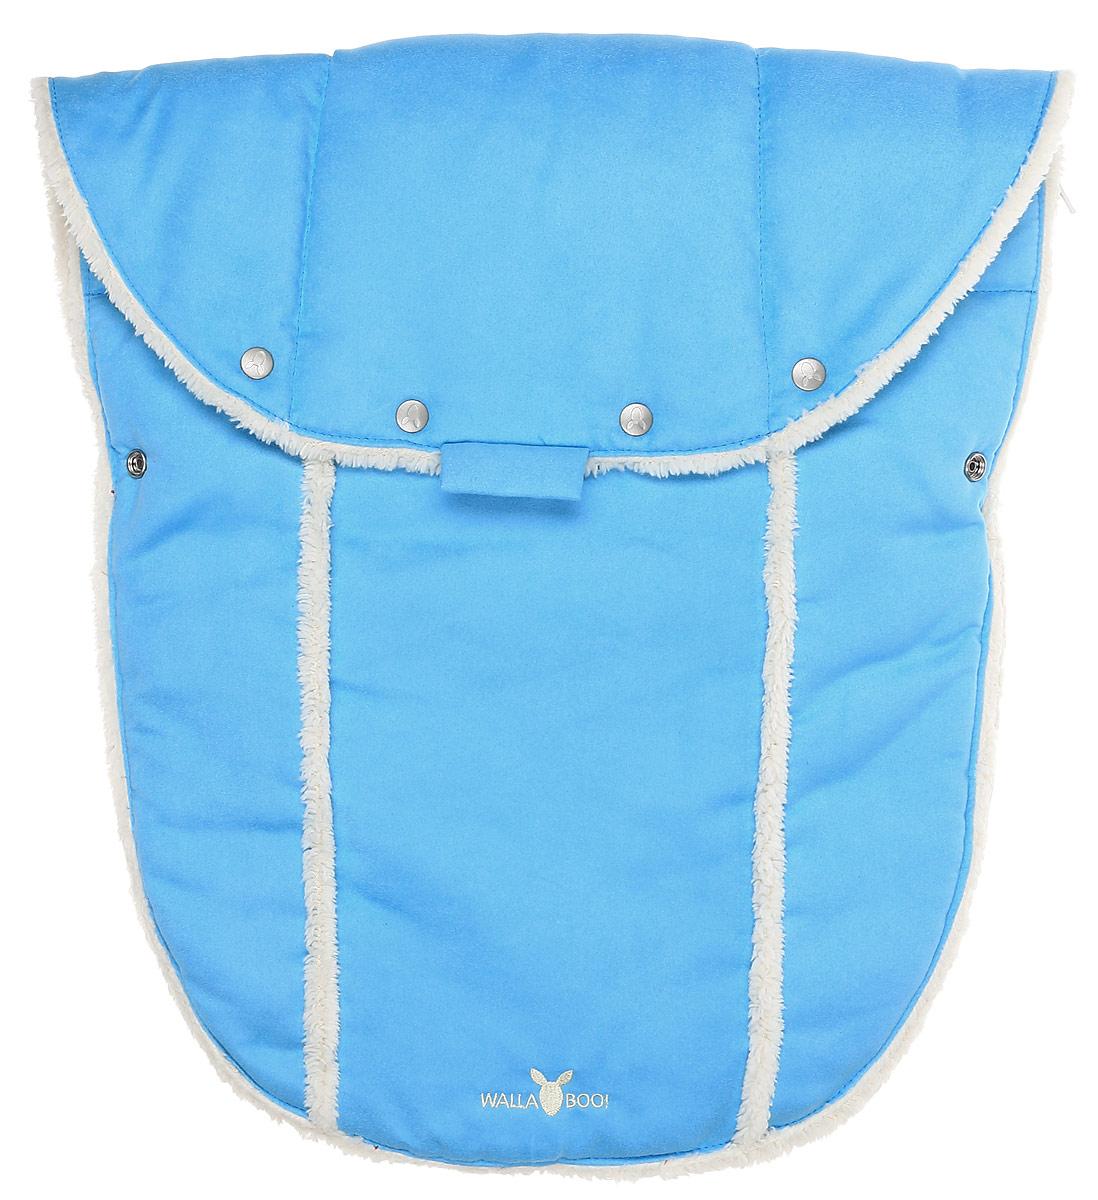 Конверт-муфта для новорожденного Wallaboo, цвет: голубой. WNN.0306.206. Размер 0 месяцевWNN.0306.206Многофункциональный и теплый меховой конверт-муфта для новорожденного Wallaboo отлично подойдет для долгих прогулок. Конверт изготовлен из микроволокнистой замши, необычайно мягкой и тактильно приятной. Теплая меховая подкладка выполнена из полиэстера. В качестве наполнителя используется синтепон (100% полиэстер).Конструкция модели снабжена двумя удобными застежками-молниями. Она раскладывается на два отдельных меховых коврика. Верхняя часть конверта дополнена застежками-кнопками, образующими капюшон. Когда ребенок подрастет, можно использовать конверт в санках, отстегнув переднюю часть конверта. В конверте имеются отверстия под ремни безопасности коляски или автомобильного кресла. Спереди предусмотрен отворот, фиксирующийся с помощью кнопок. Изделие украшено вышитыми логотипами бренда.В таком конверте малышу будет тепло, удобно и комфортно!